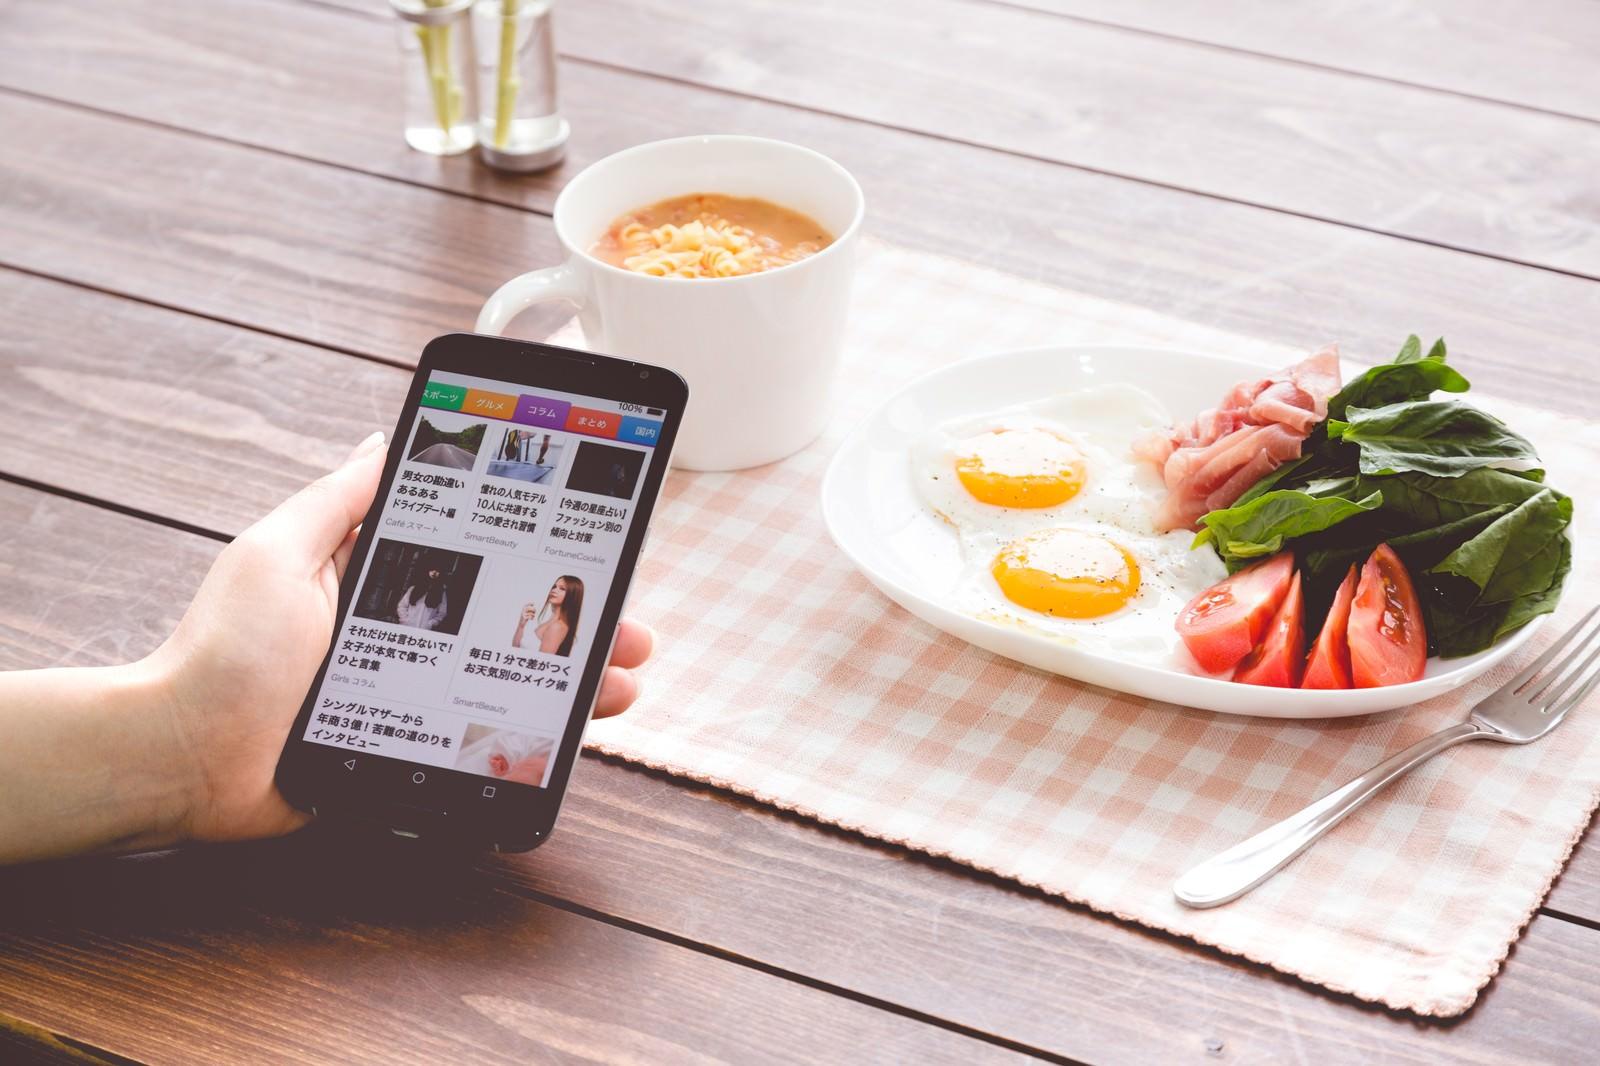 「朝食を食べながらニュースアプリをチェック」の写真